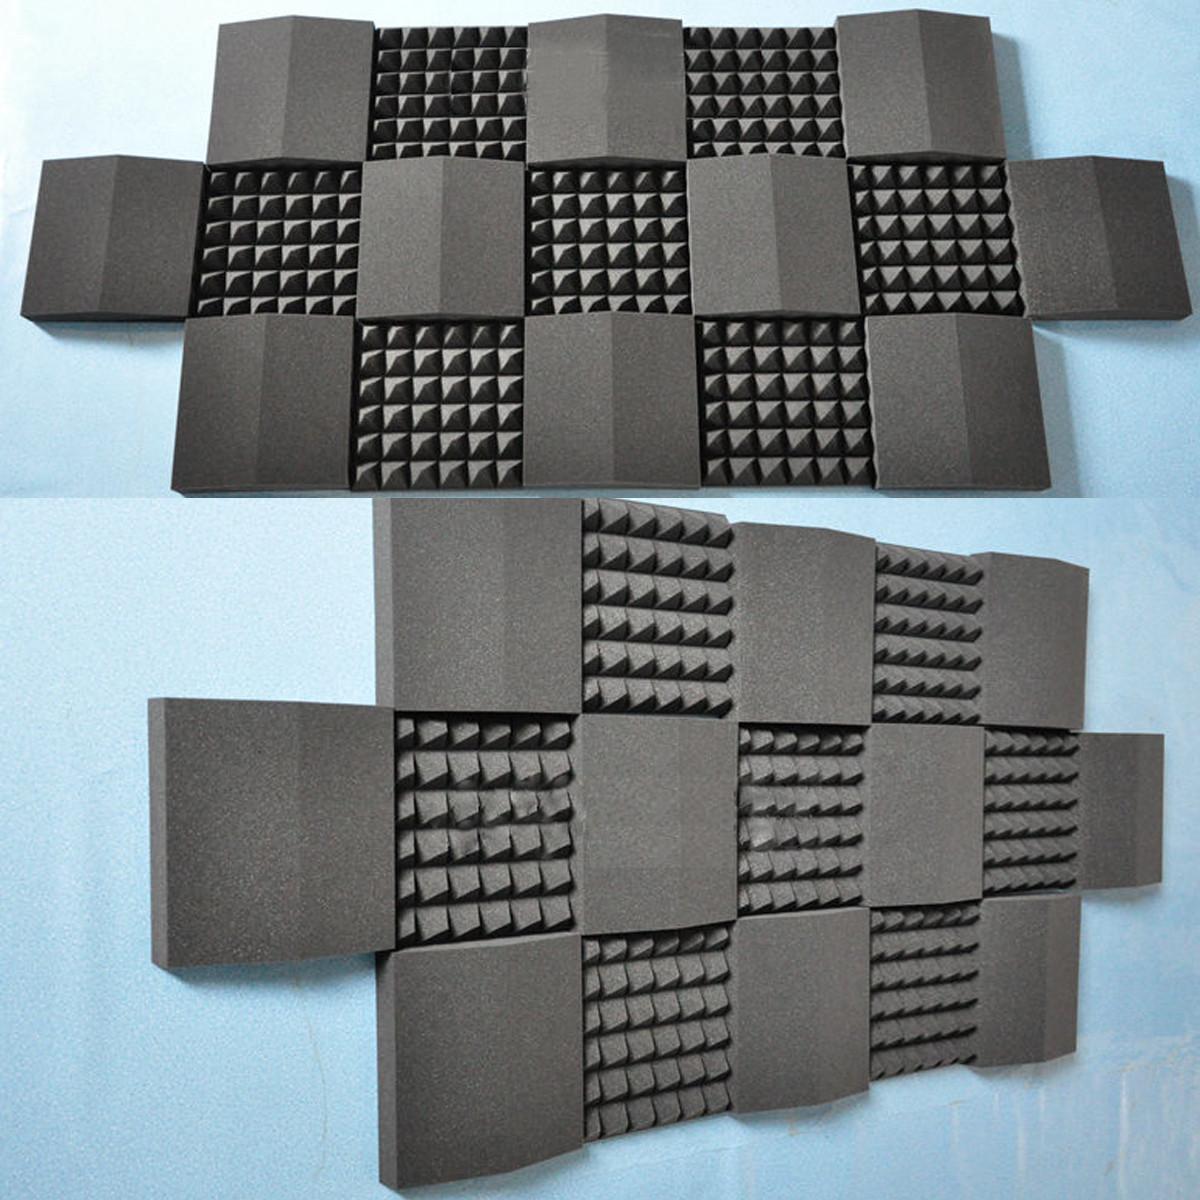 mousse ponge bruit absorption studio ktv bleu. Black Bedroom Furniture Sets. Home Design Ideas